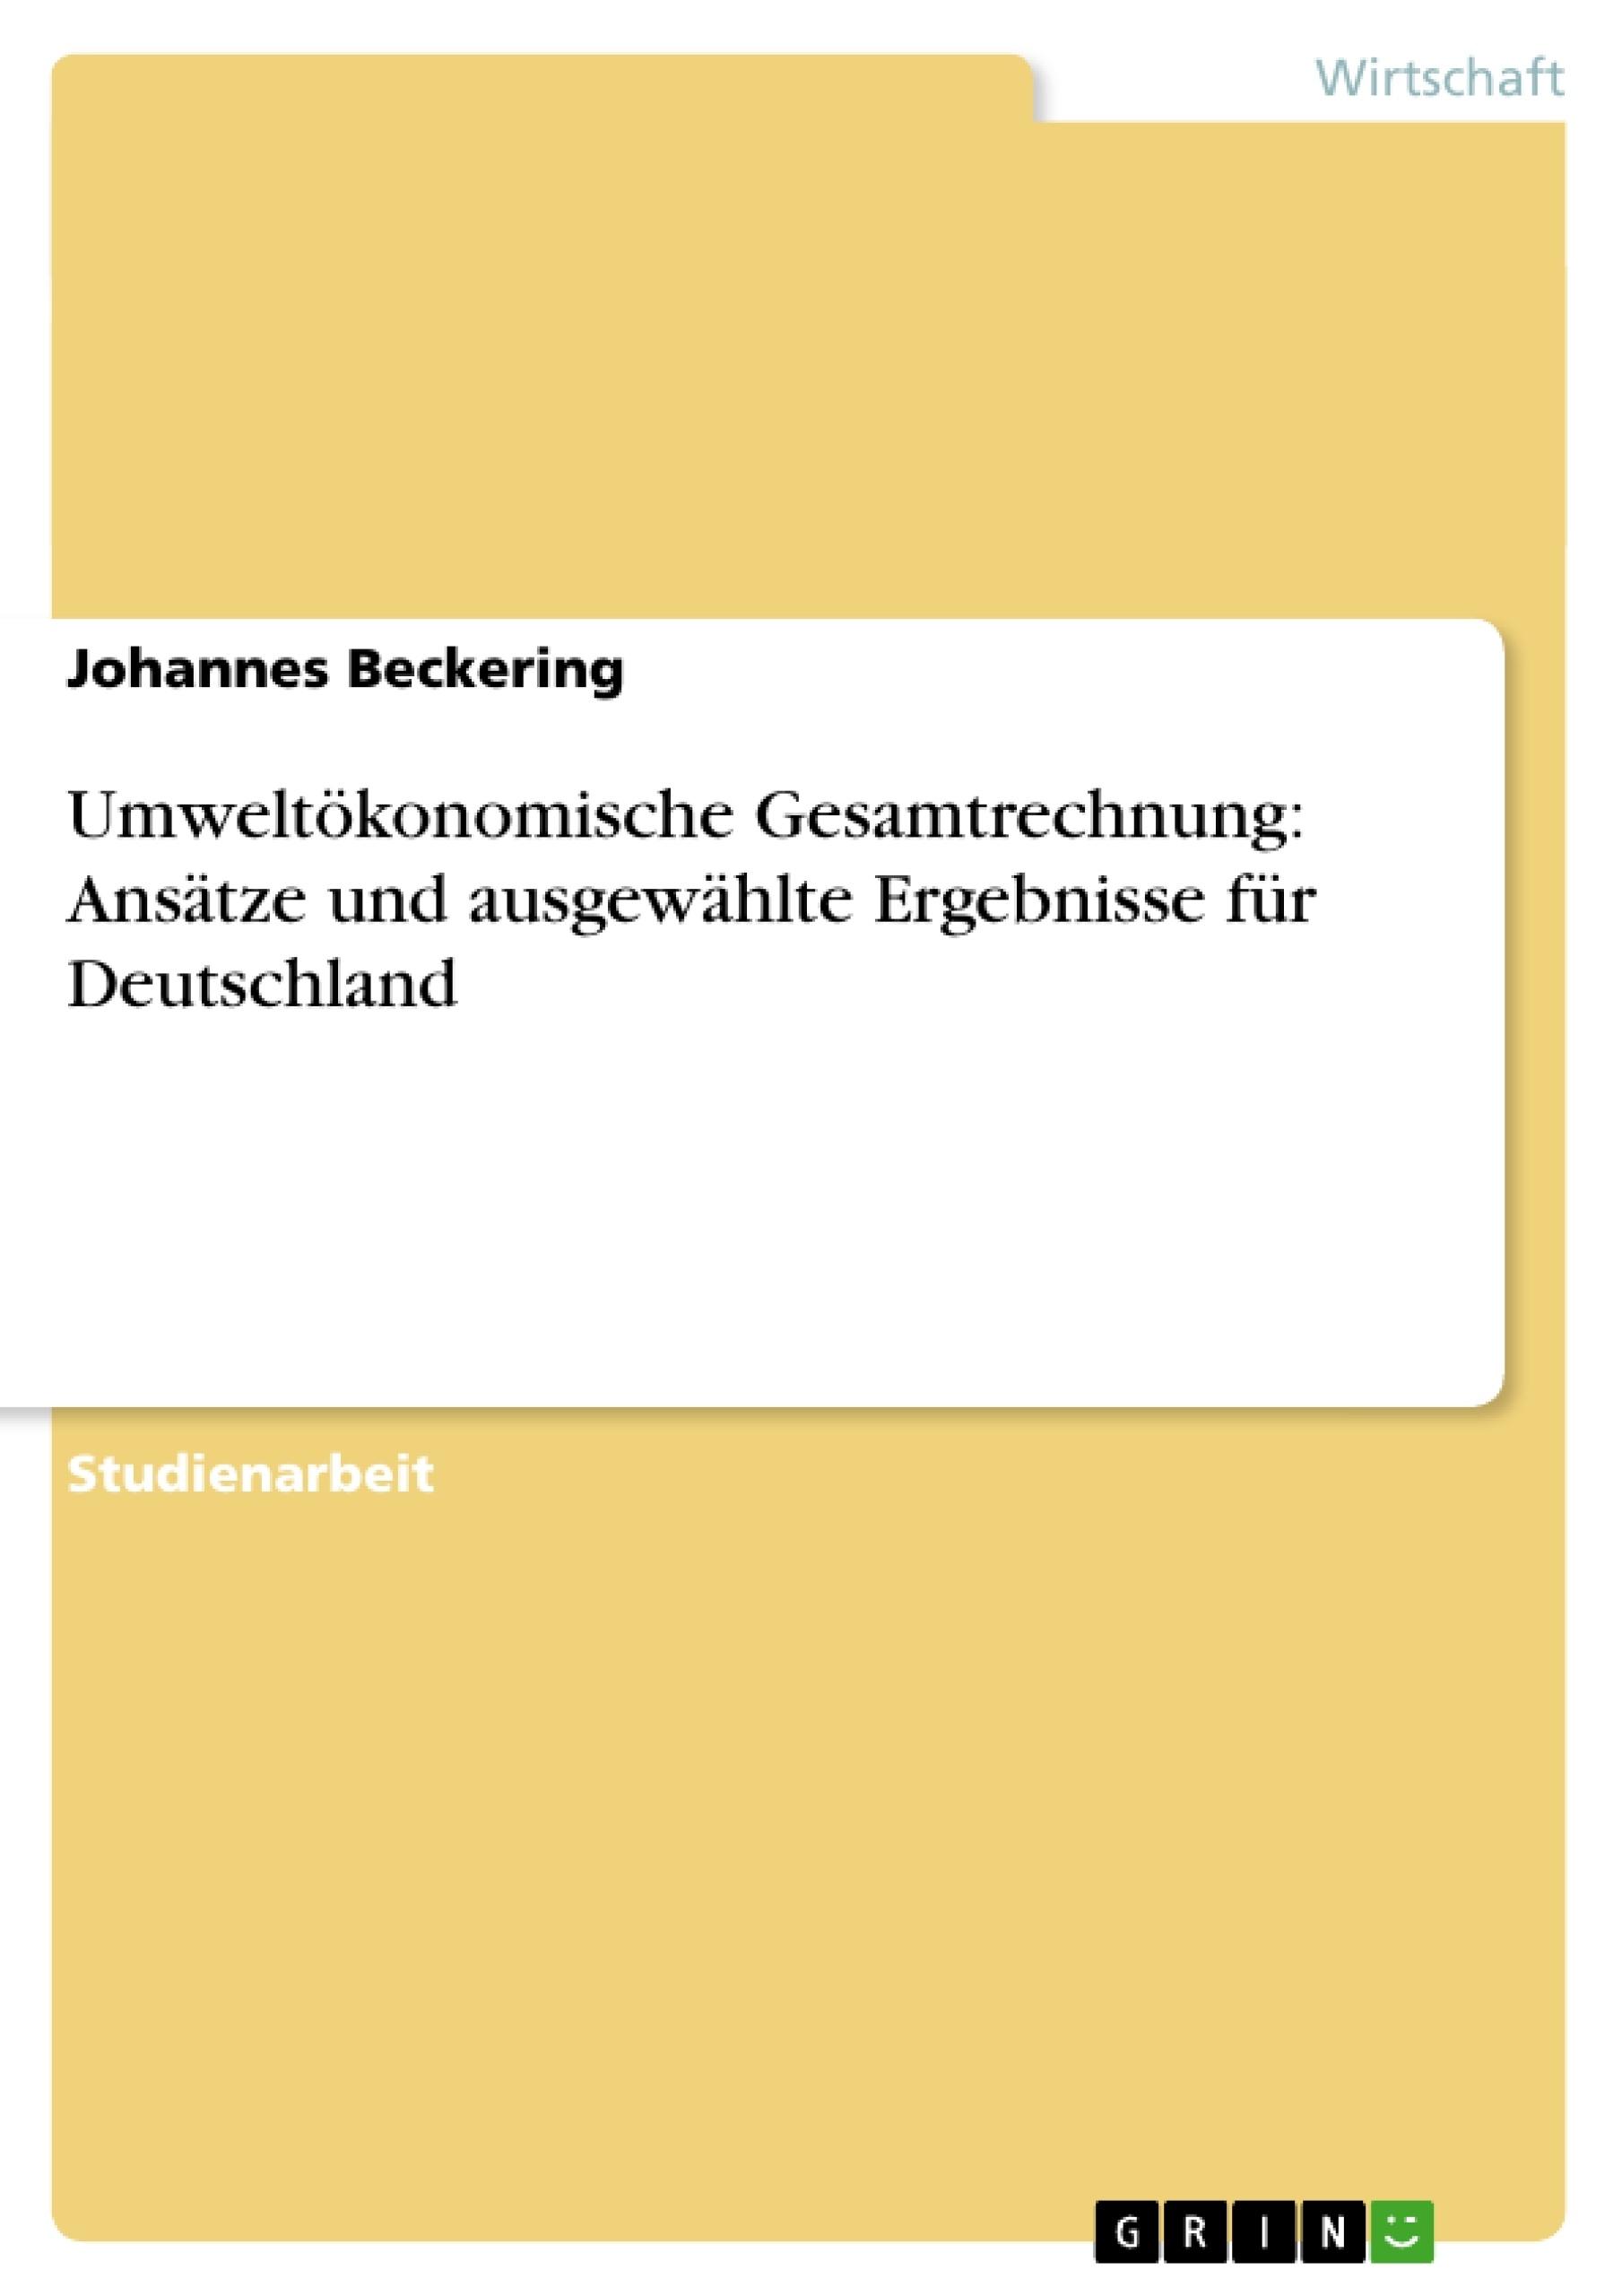 Titel: Umweltökonomische Gesamtrechnung: Ansätze und ausgewählte Ergebnisse für Deutschland